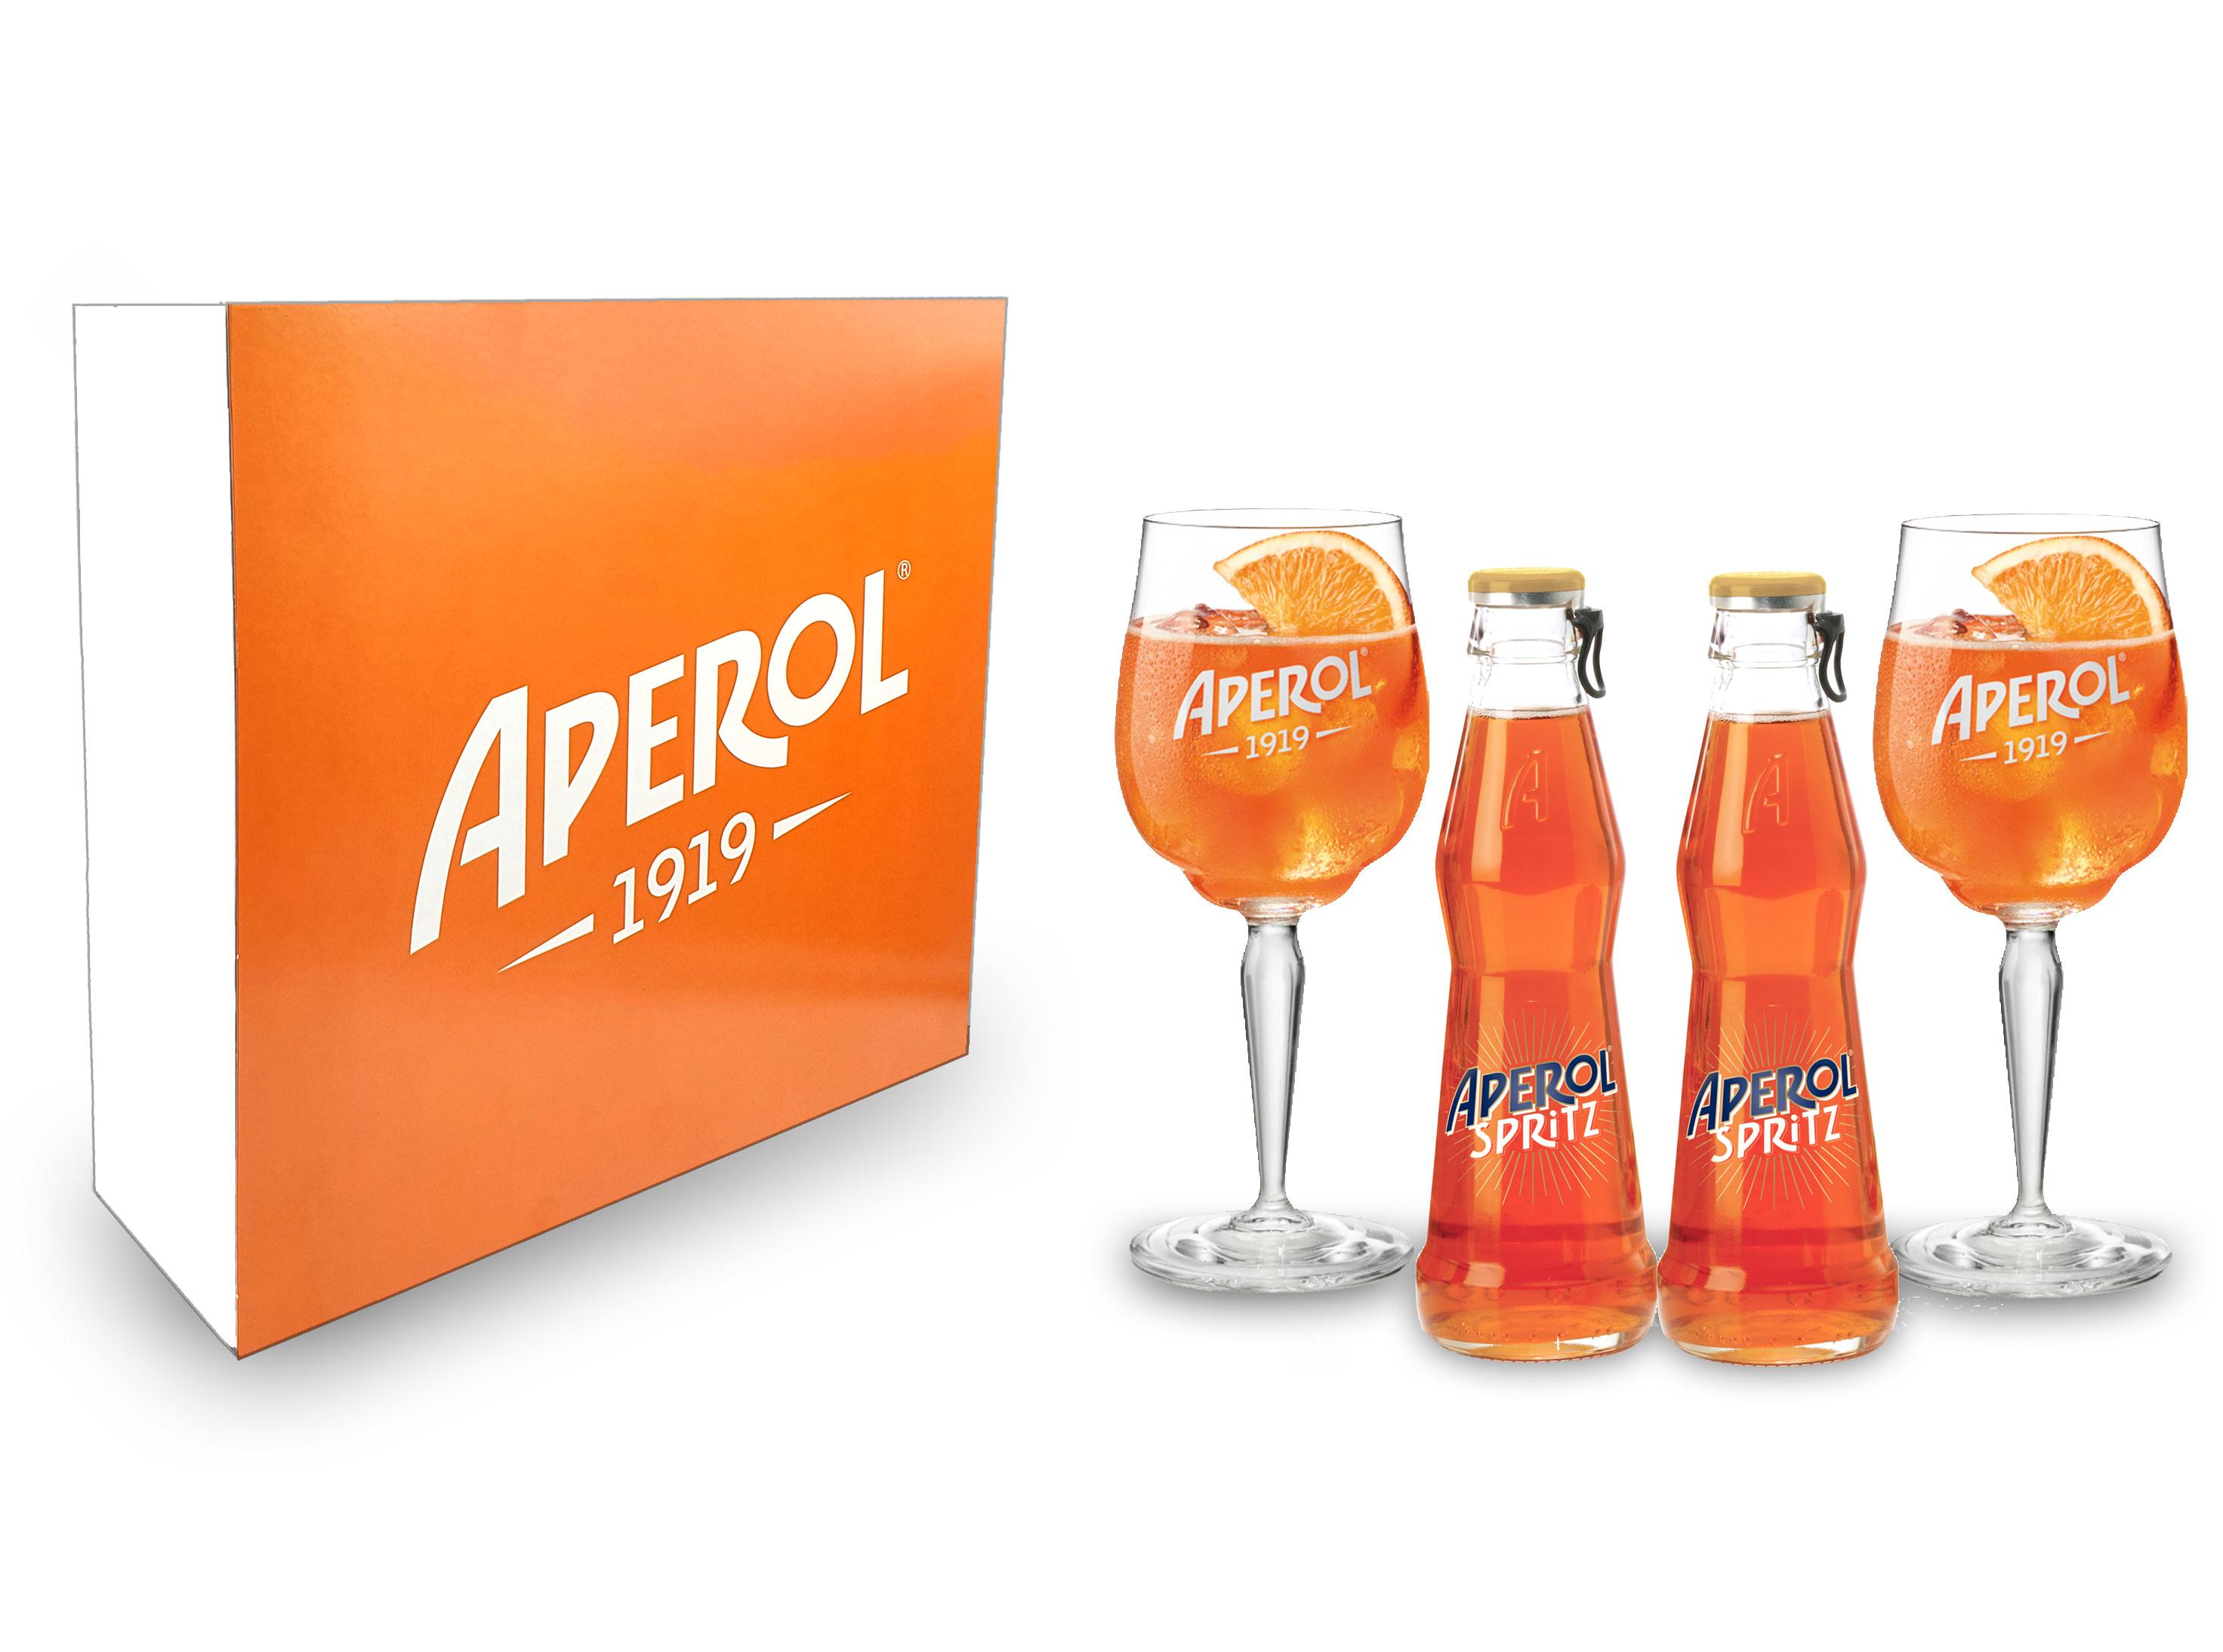 Aperol Schuber Geschenkset - Aperol Spritz 2x 17,5cl (10,5% Vol) + 2x Aperol Gläser / Glas ready to drink Aperitivo / Aperitif- [Enthält Sulfite]